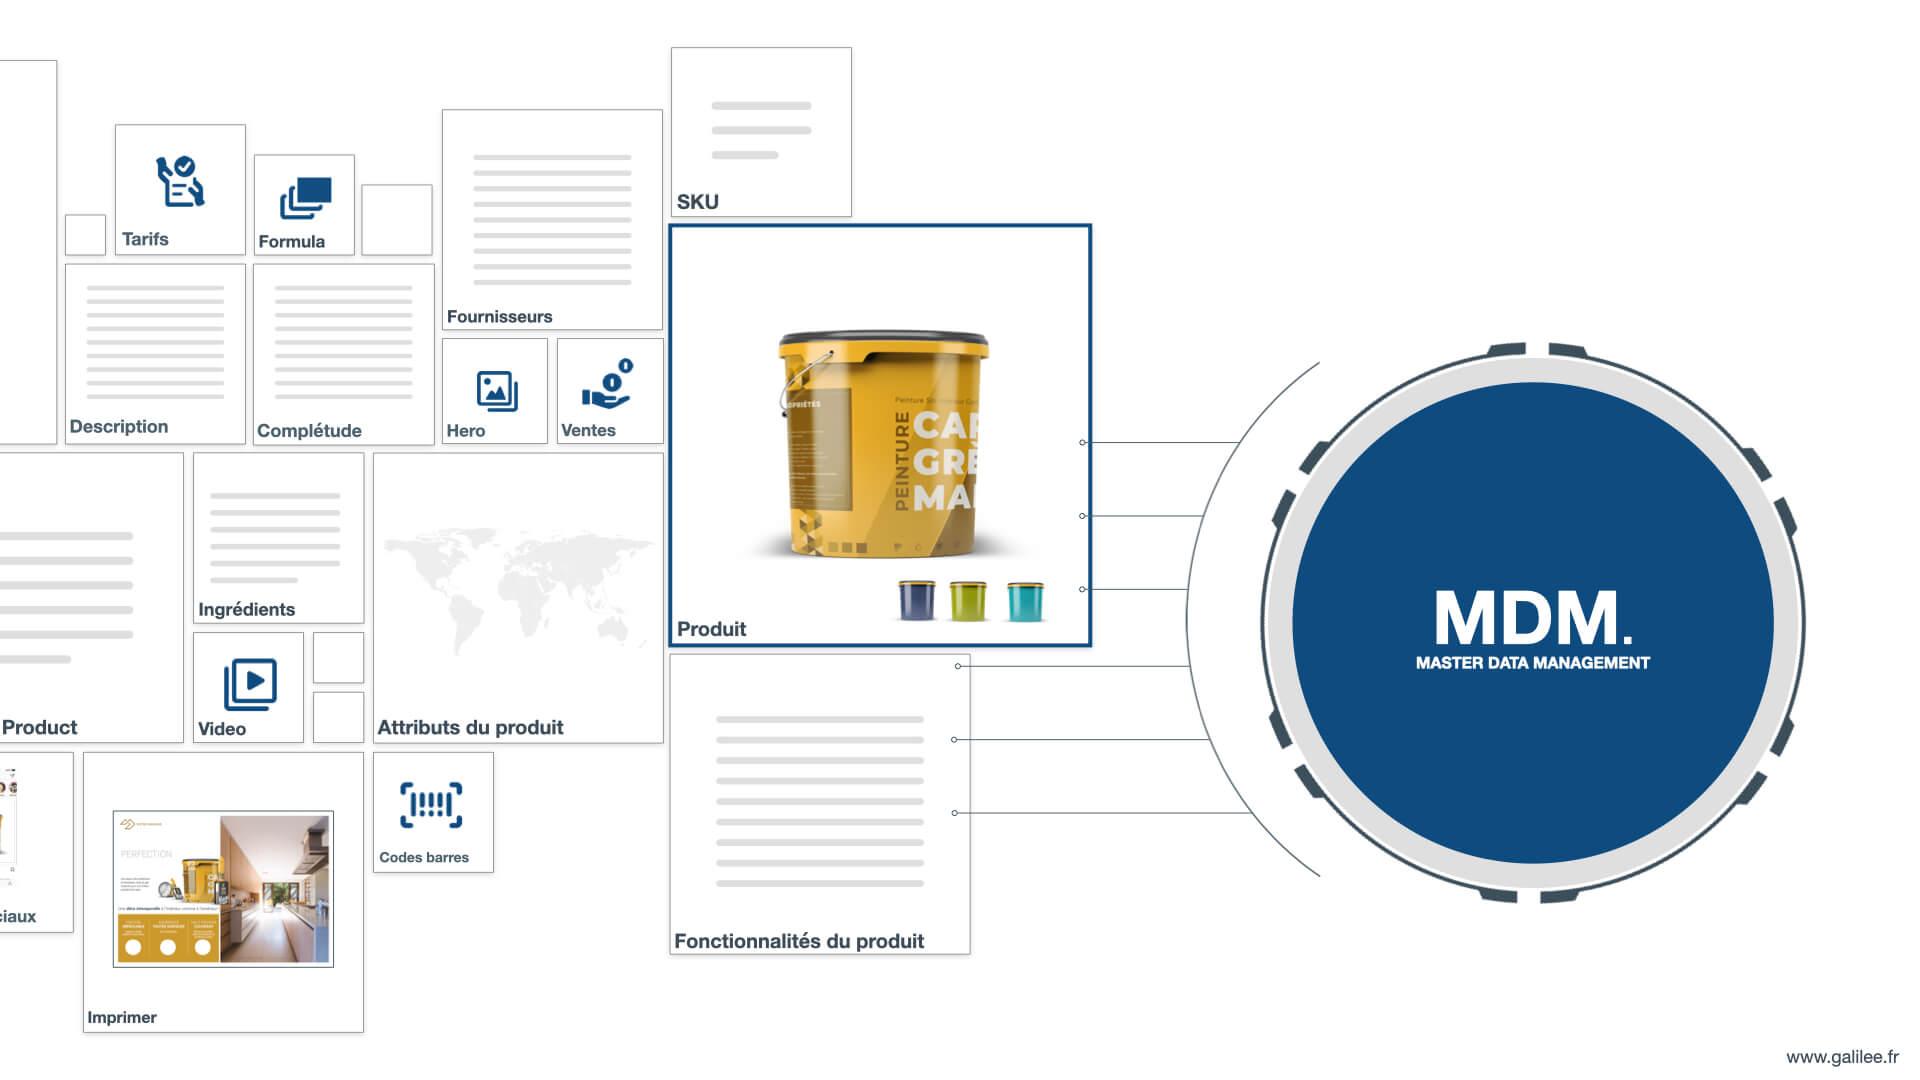 MDM pour centraliser toutes vos données d'entreprise au sein d'un référentiel unique